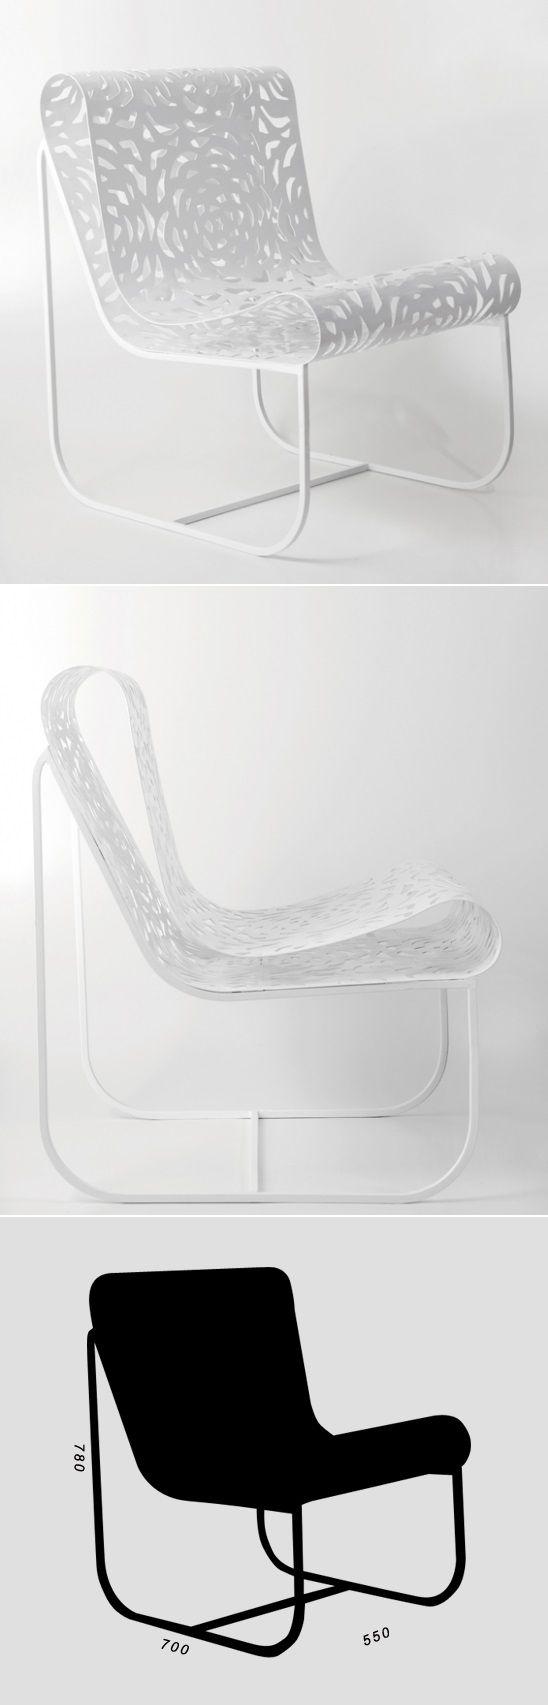 Cadeira renda chapa metálica recortada a lazer com pintura eletrostática - design Jum Nakao